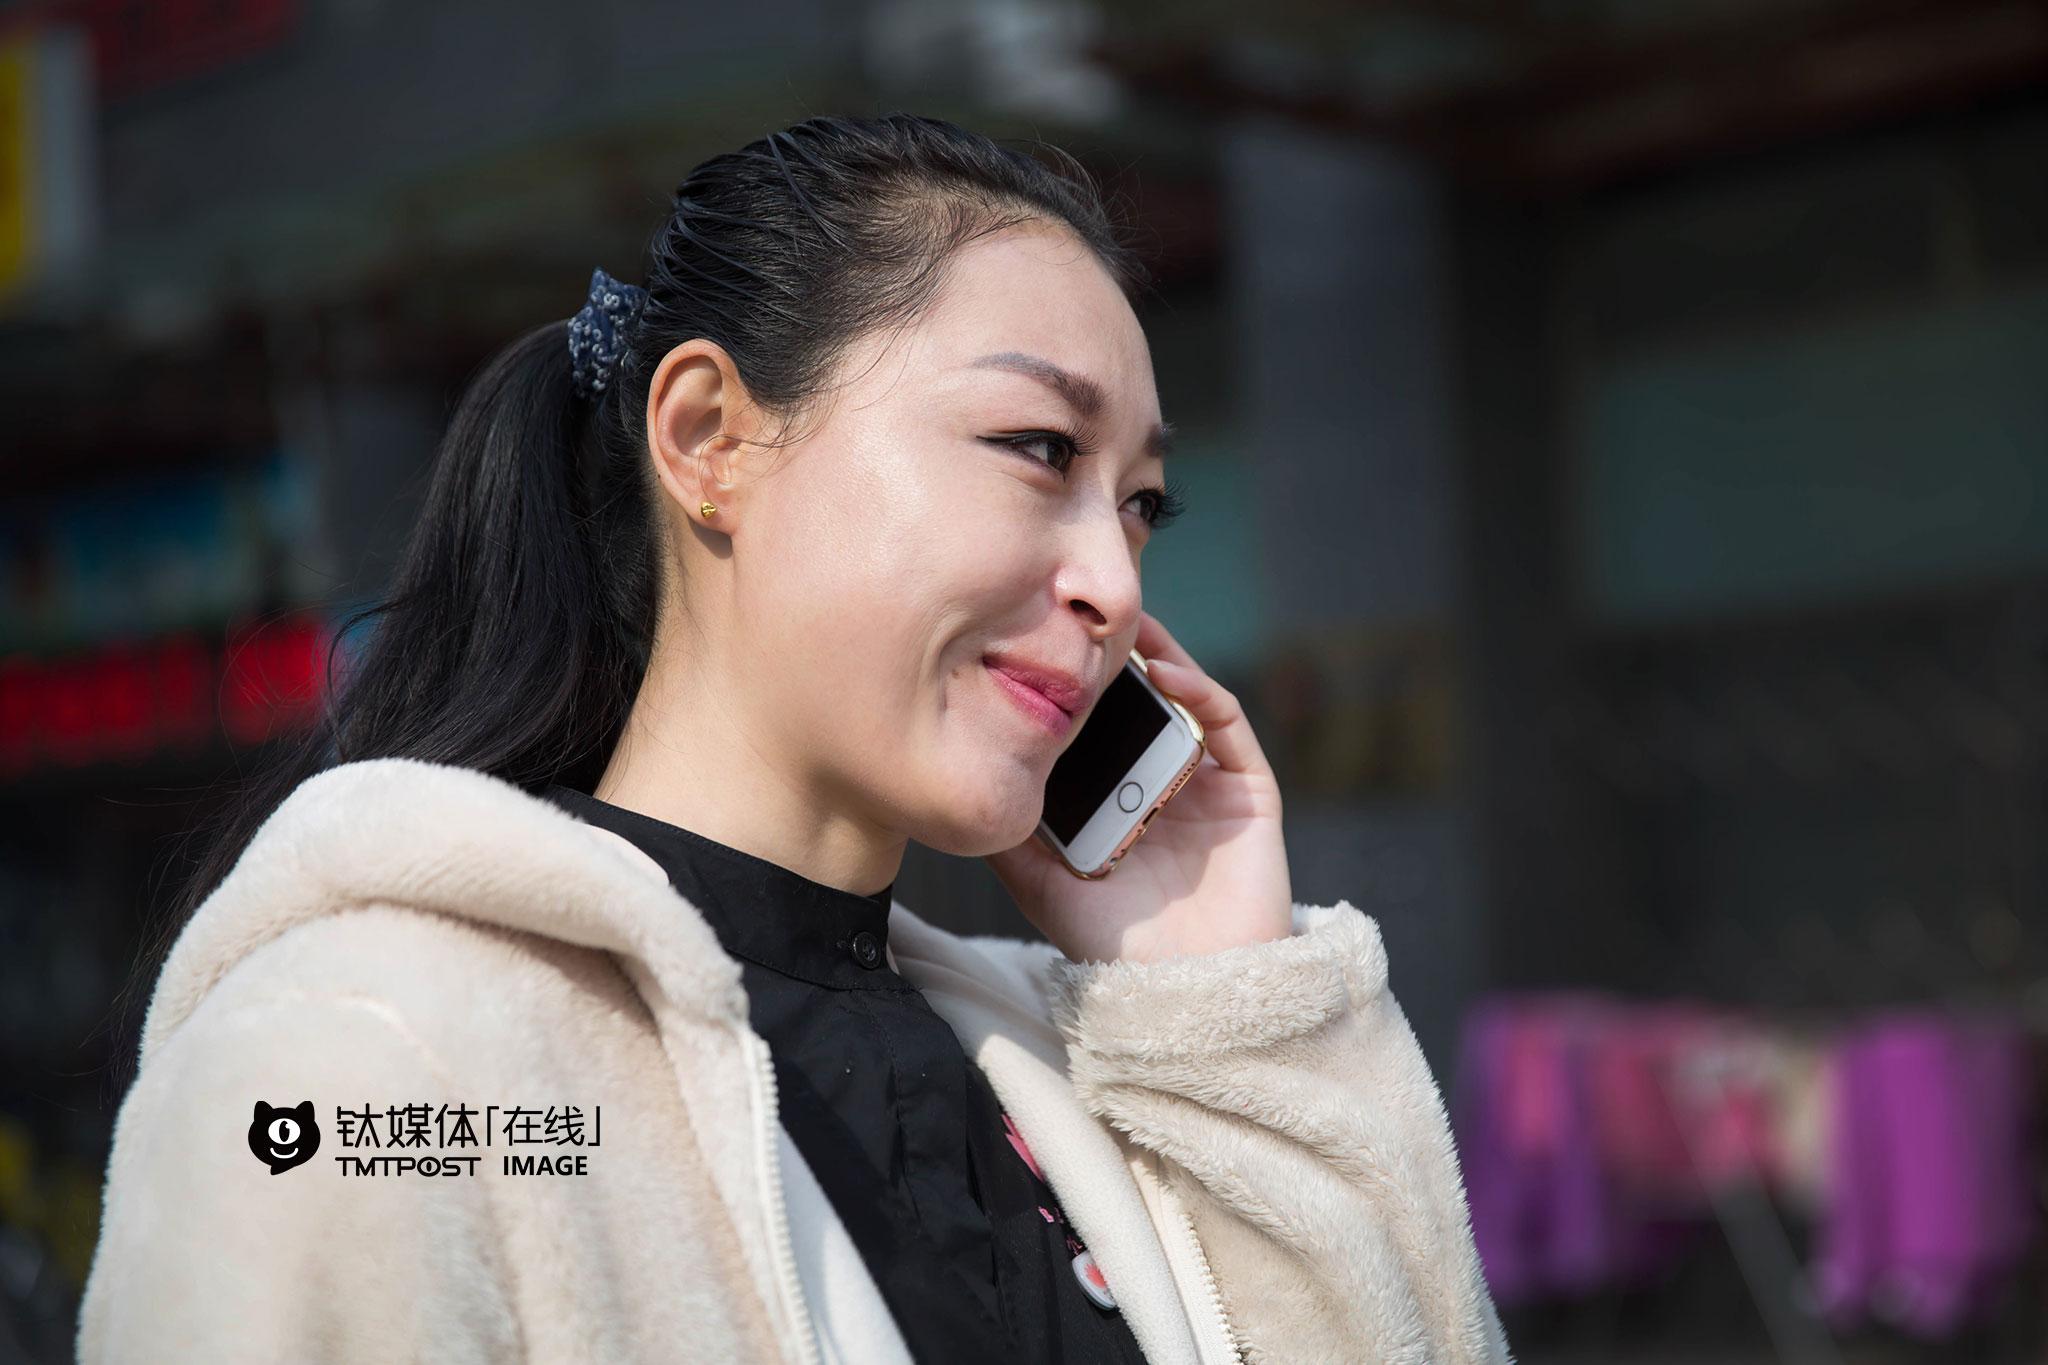 本期主人公:王丽媛,一名从业12年的美容师。